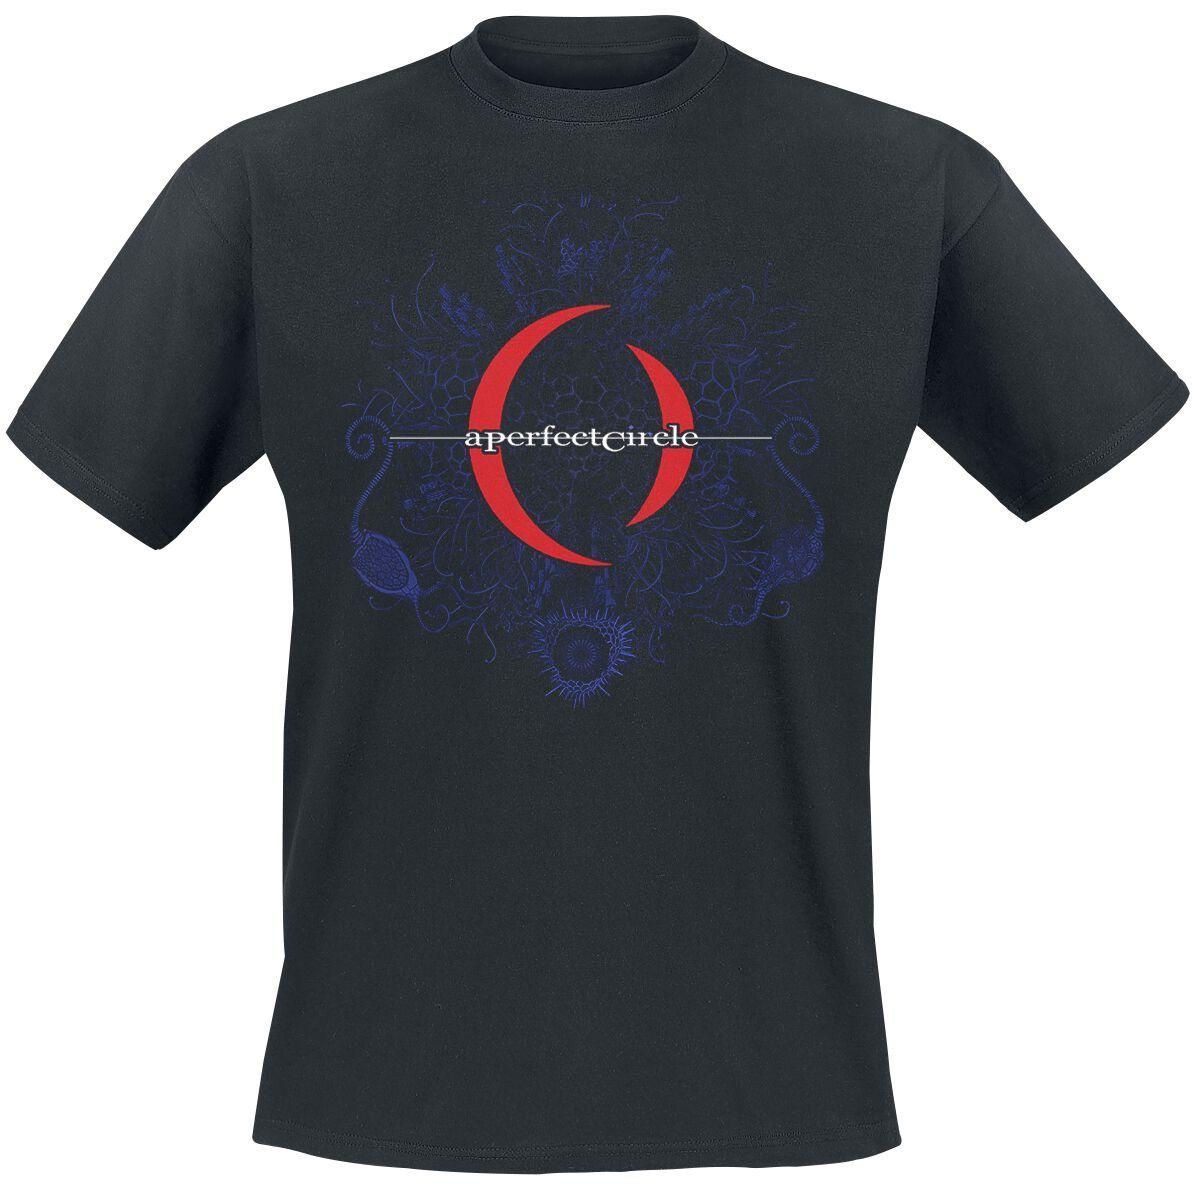 Zespoły - Koszulki - T-Shirt A Perfect Circle Mandala T-Shirt czarny - 358918